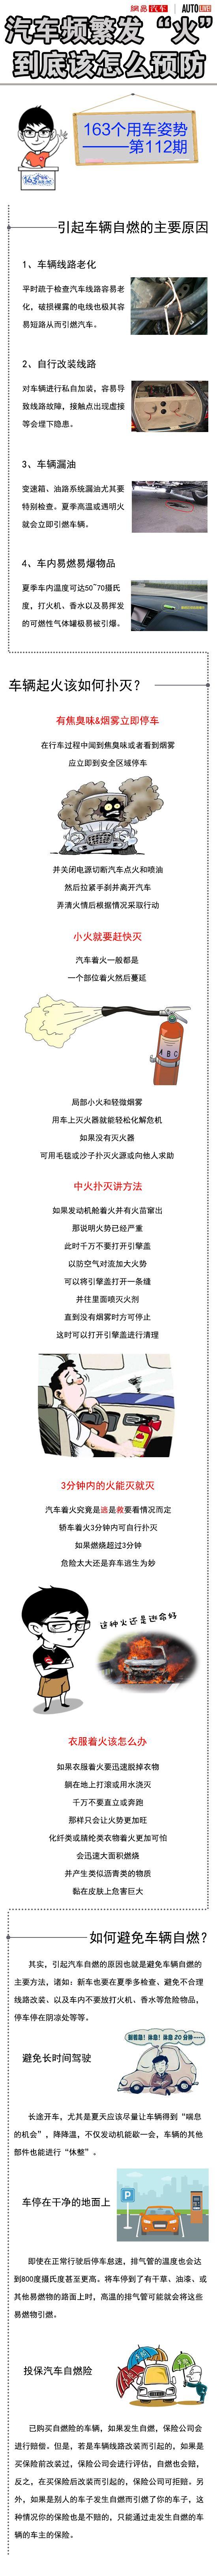 春节远不止一辆豪车被烧成灰 预防汽车火灾需谨慎